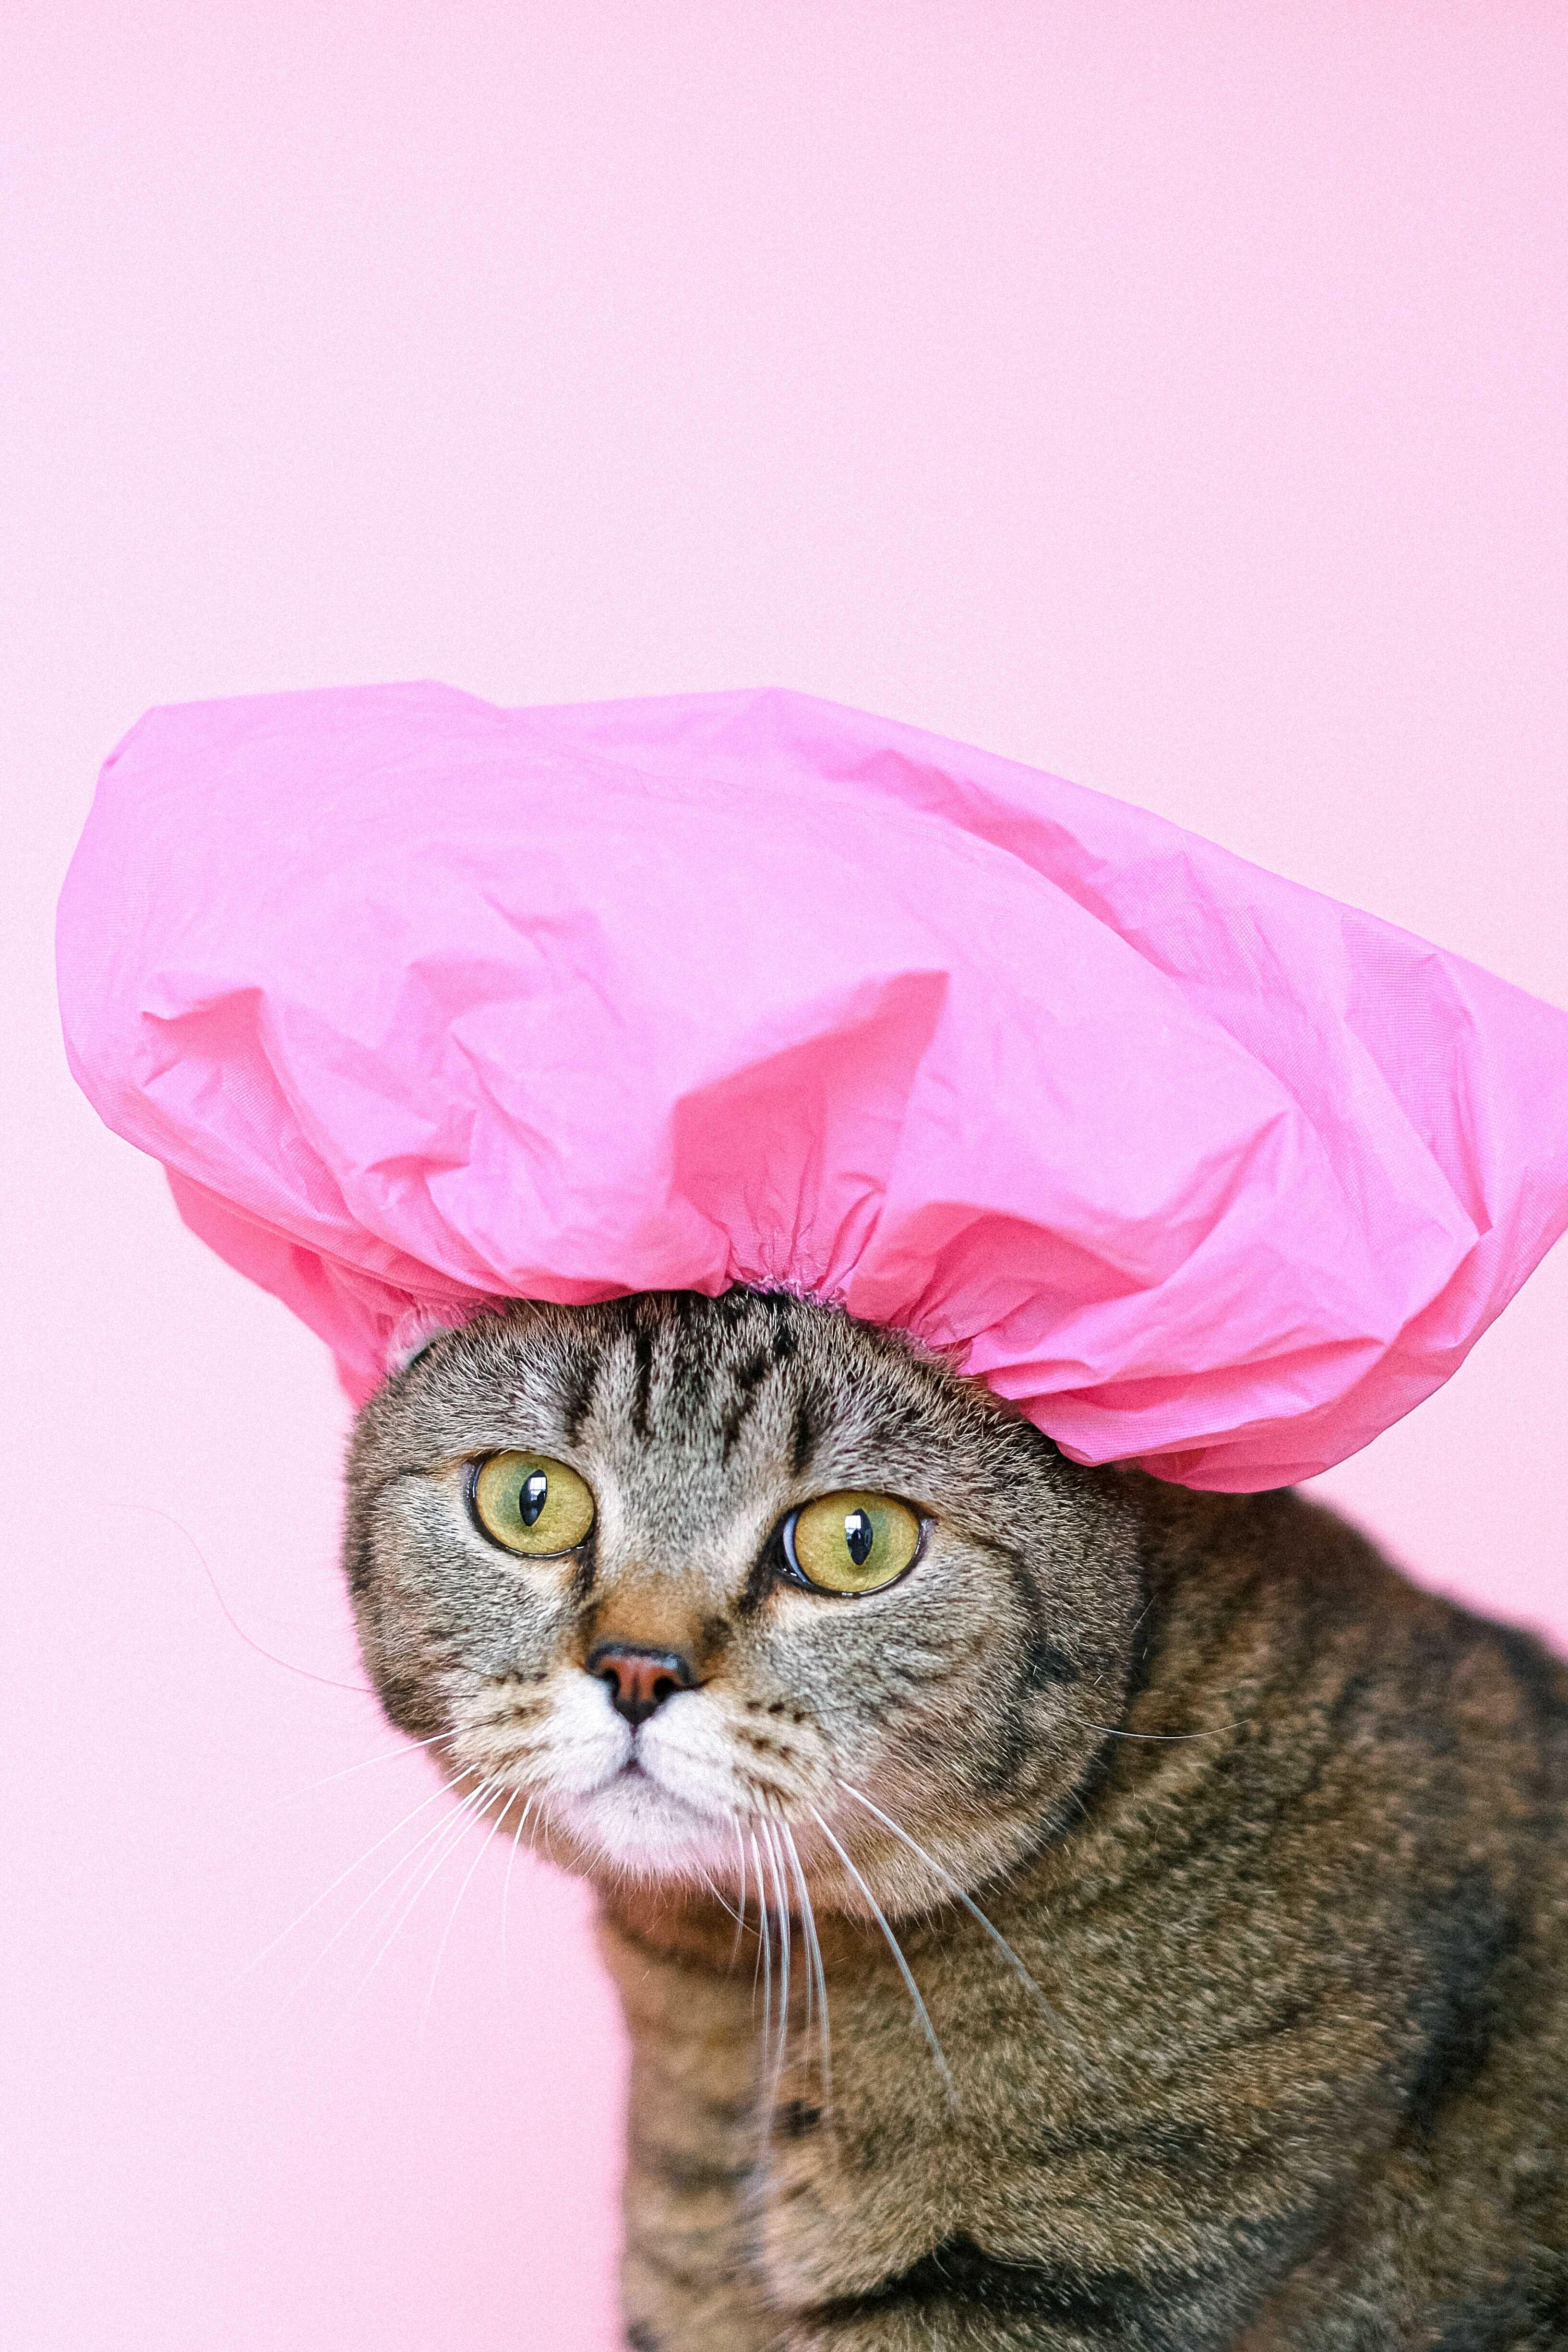 a cat wearing a shower cap